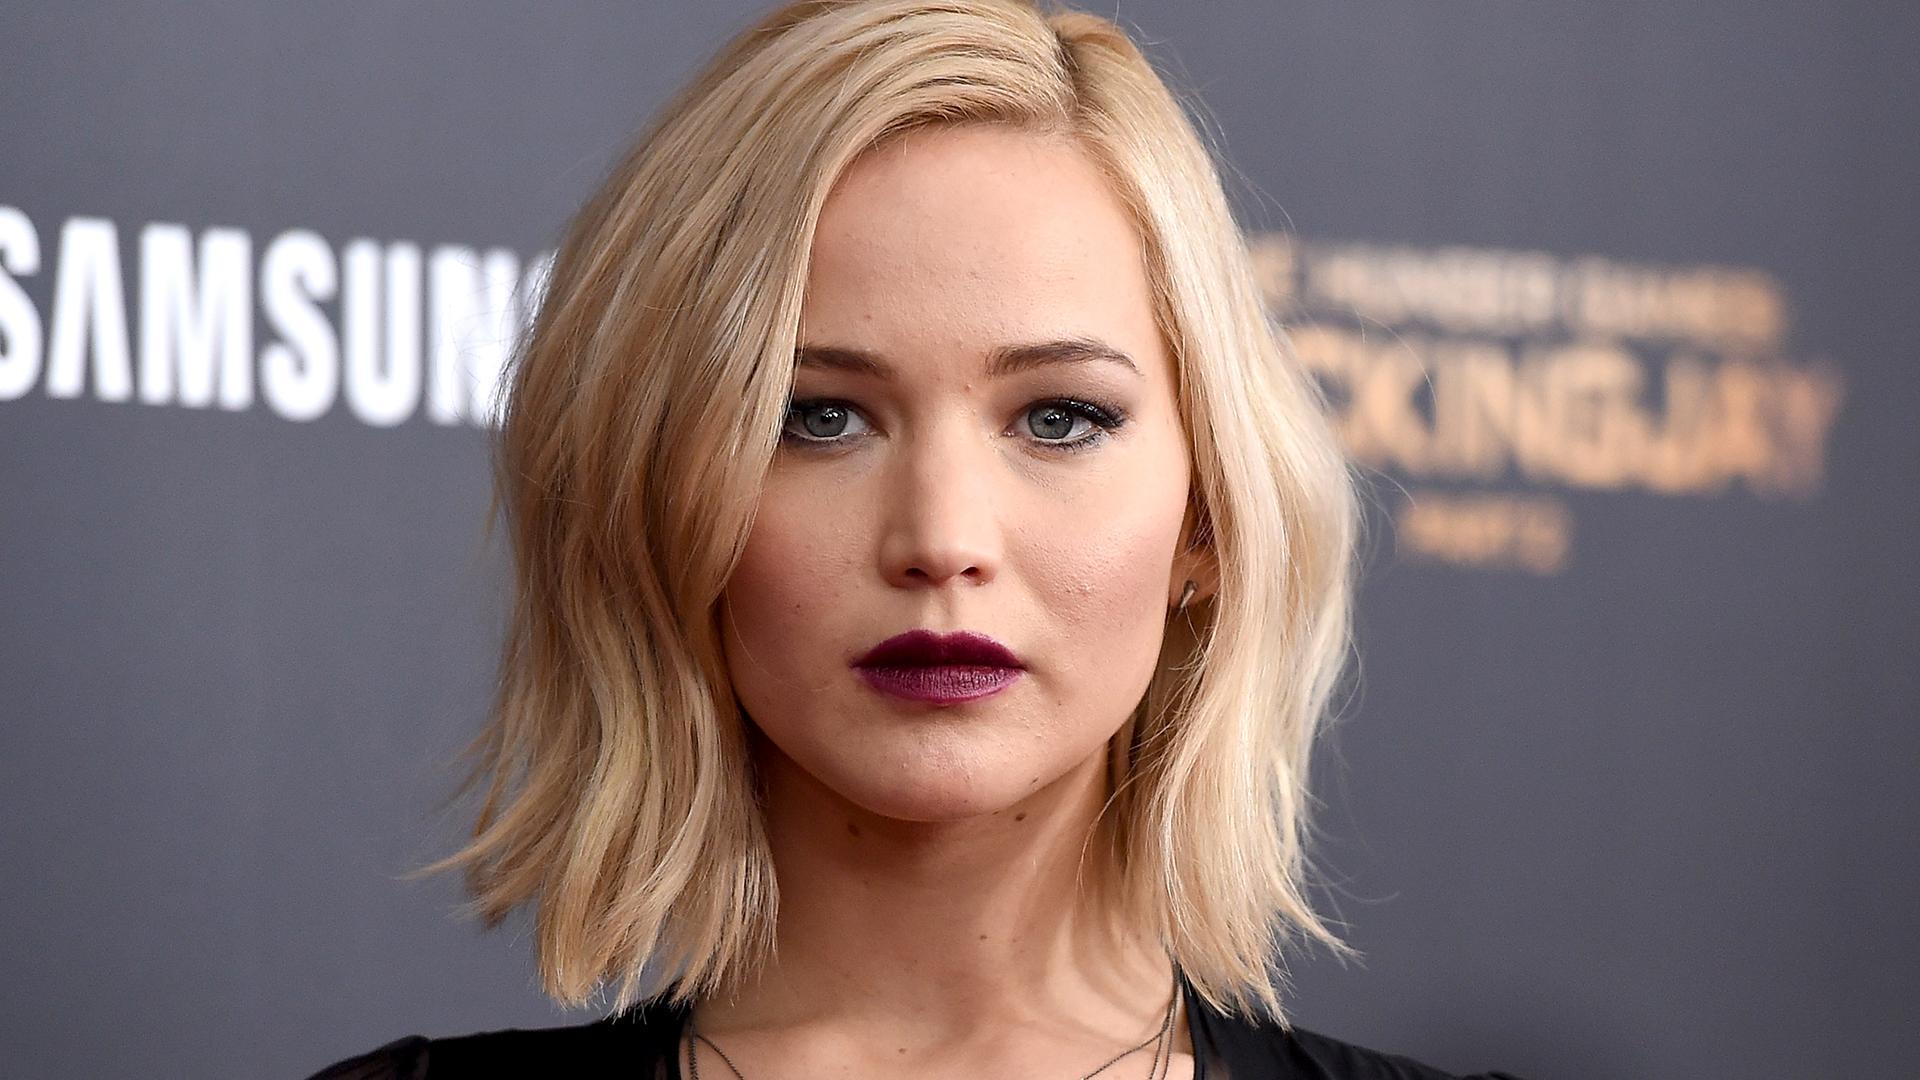 Jennifer Lawrence Net Worth 2019 - Jennifer Lawrence Salary, Net Worth & Earnings